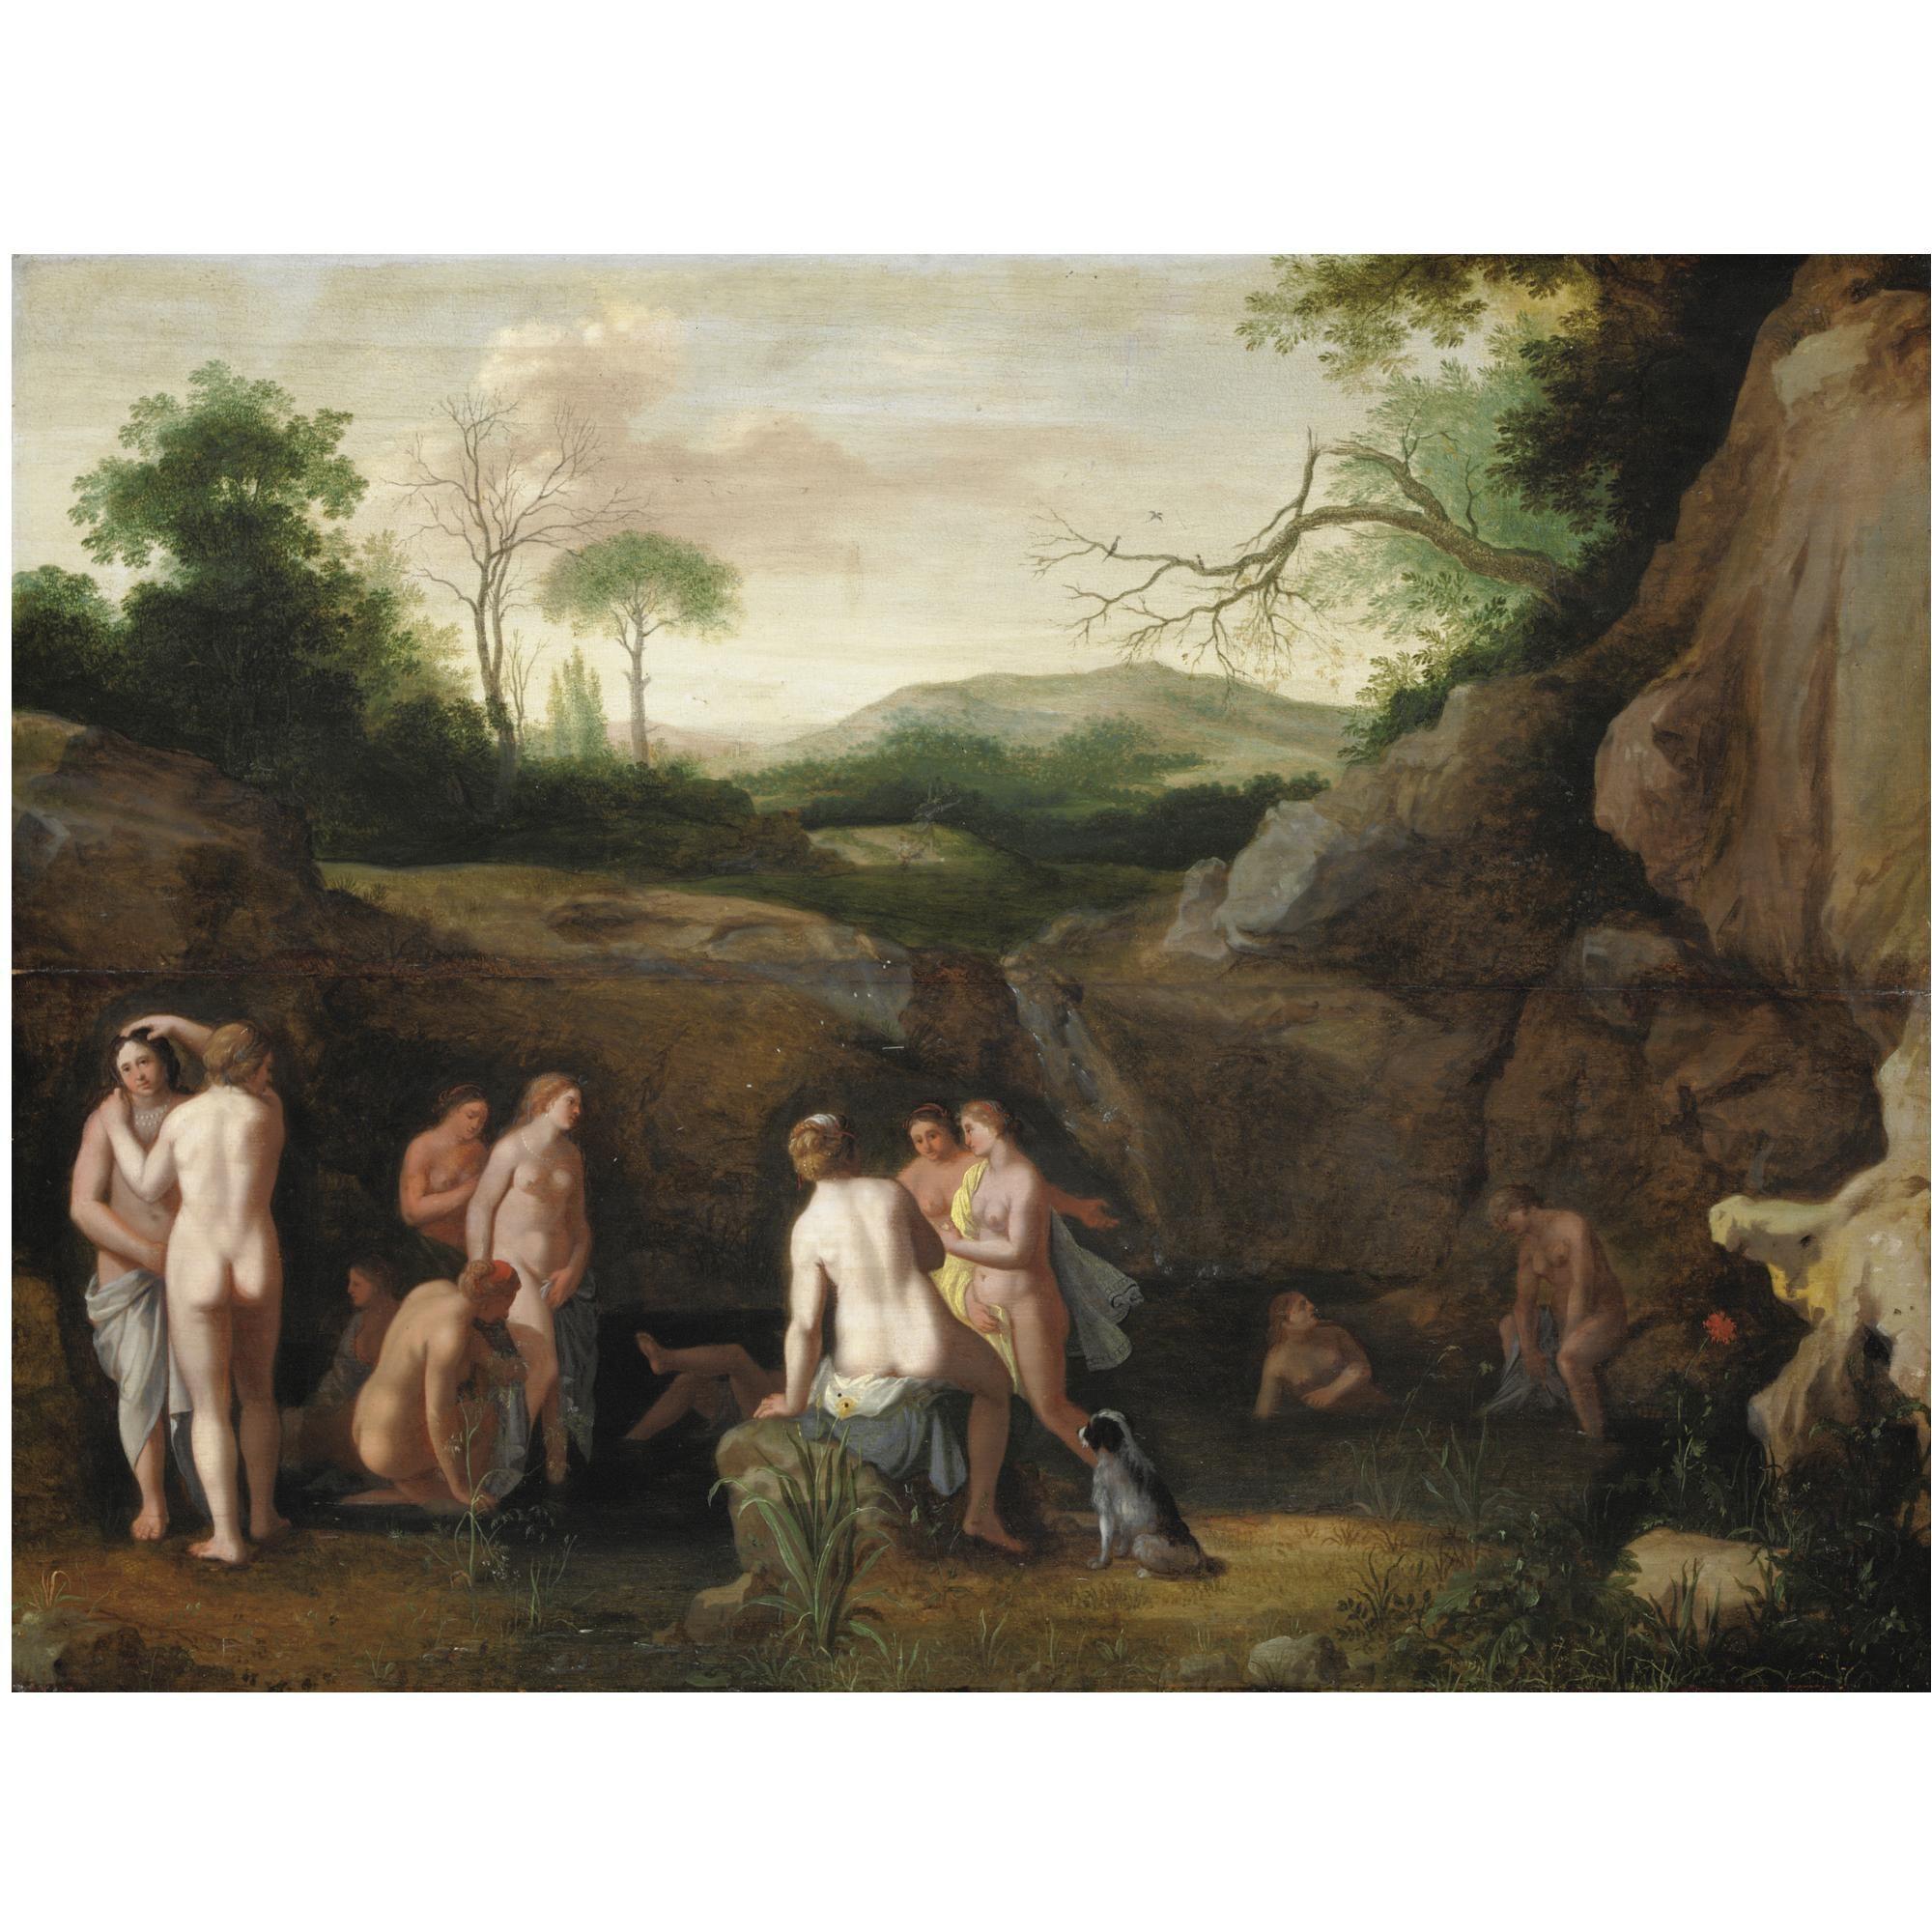 Cornelis van poelenburgh il bagno di diana olio su tavola 46 x 61 cm g jpeg 2000 2000 16 17 - Il bagno di diana klossowski ...